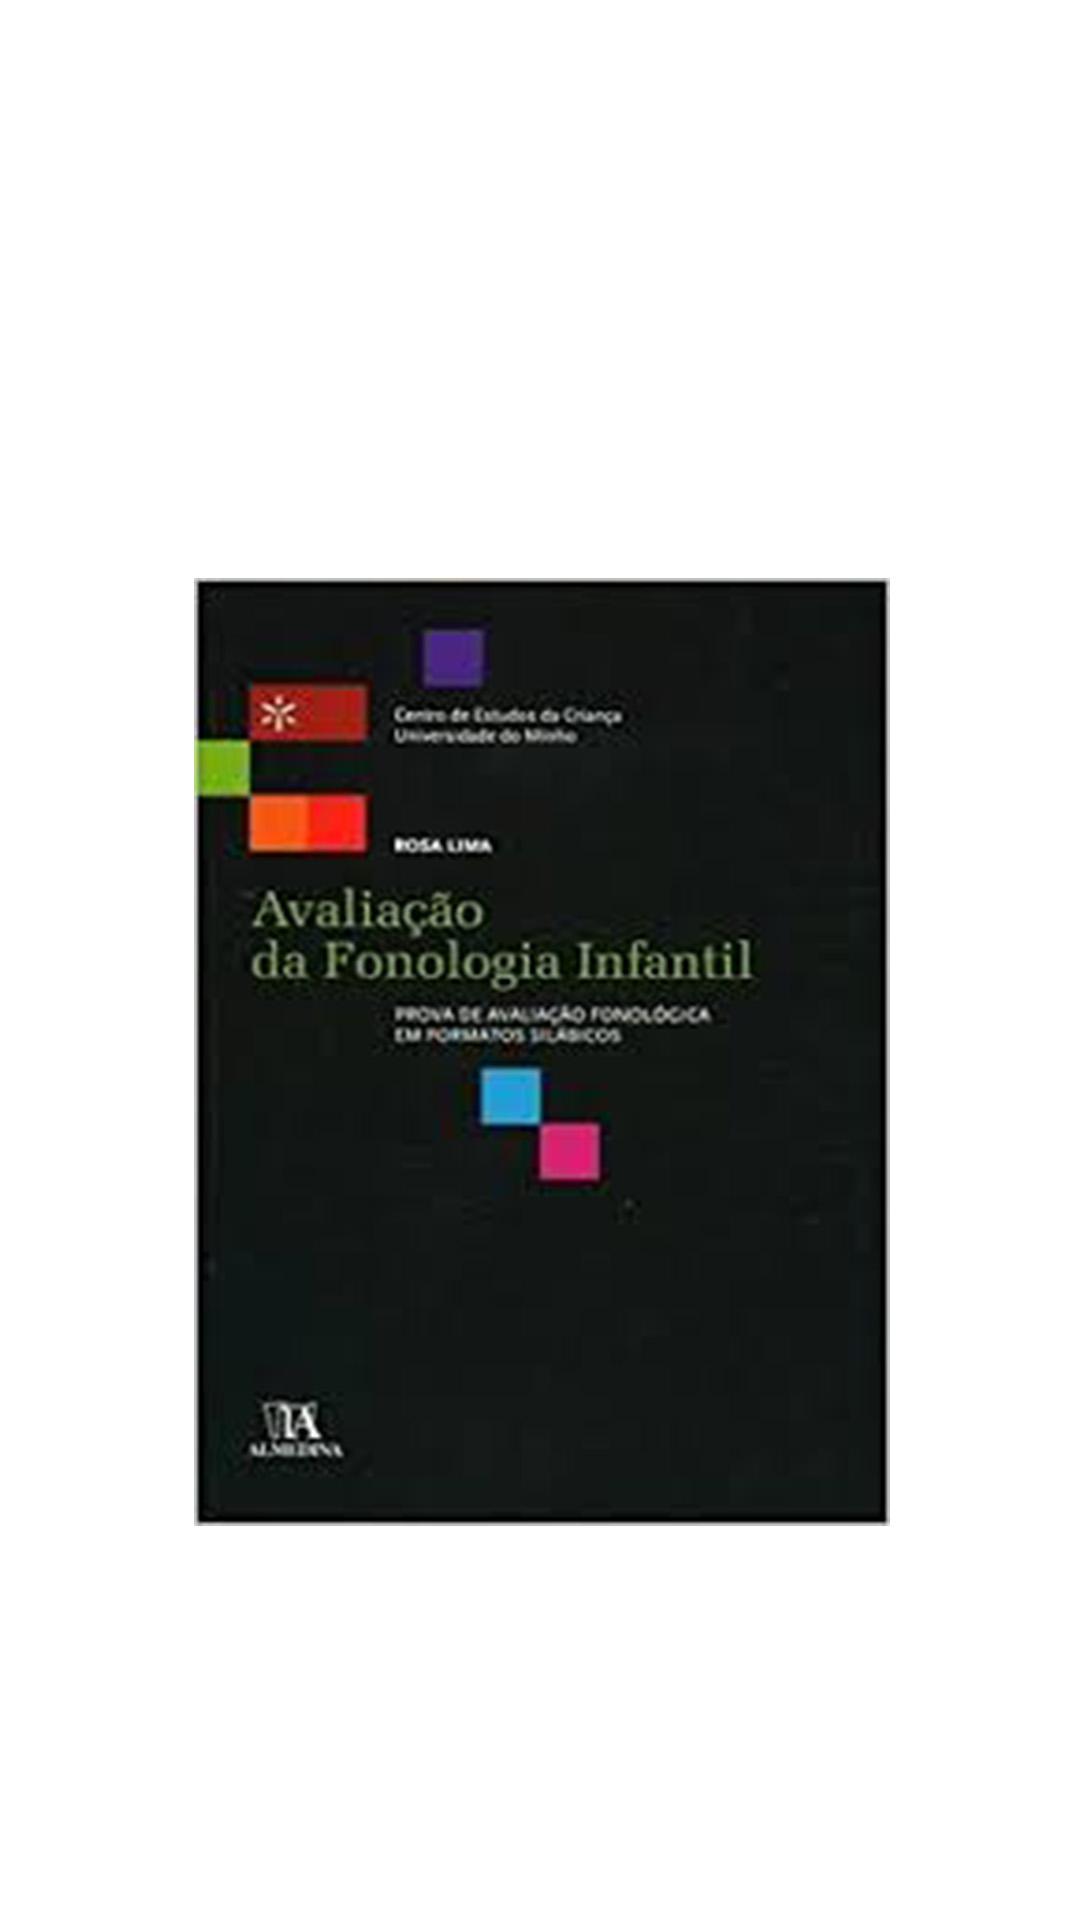 Avaliação da Fonologia Infantil - Prova de Avaliação Fonológica em Formatos Silábicos